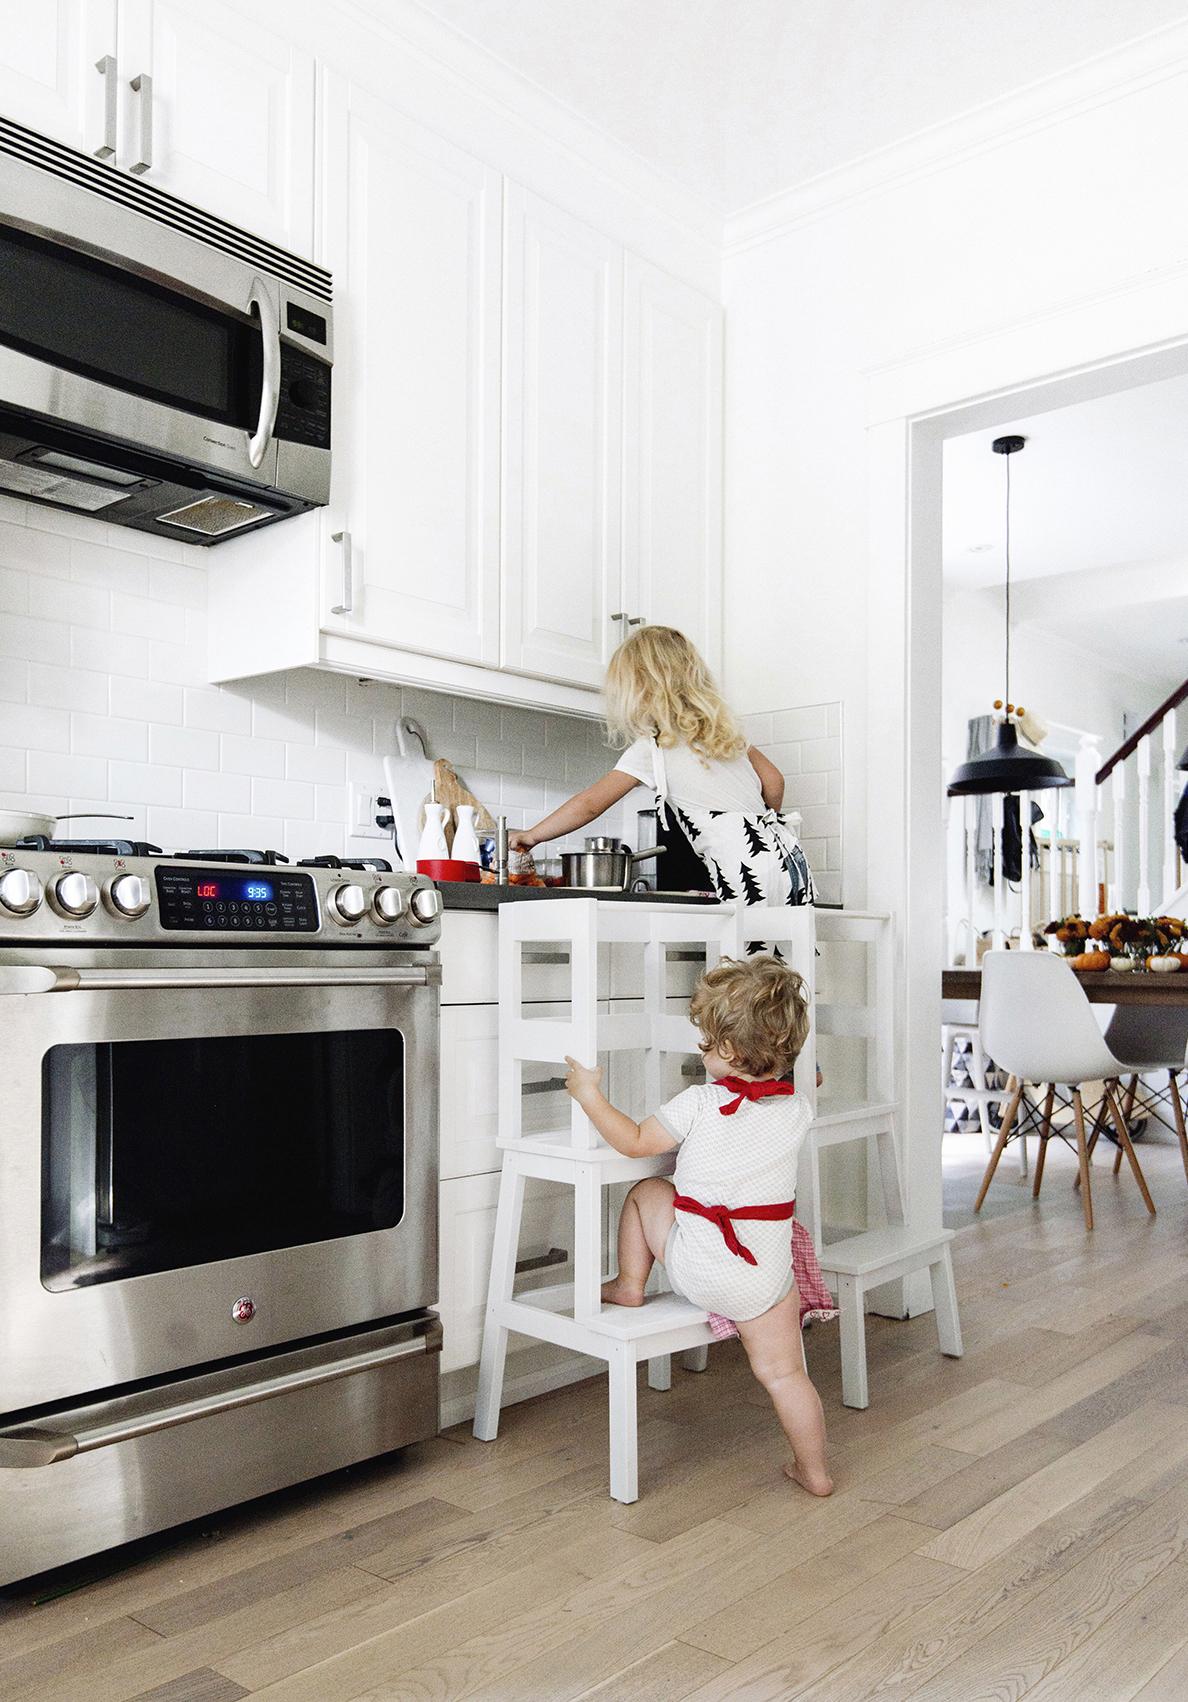 escabeau blanc bois pour enfant ikea hacks mobilier personnalisé cuisine - blog clemaroundthecorner